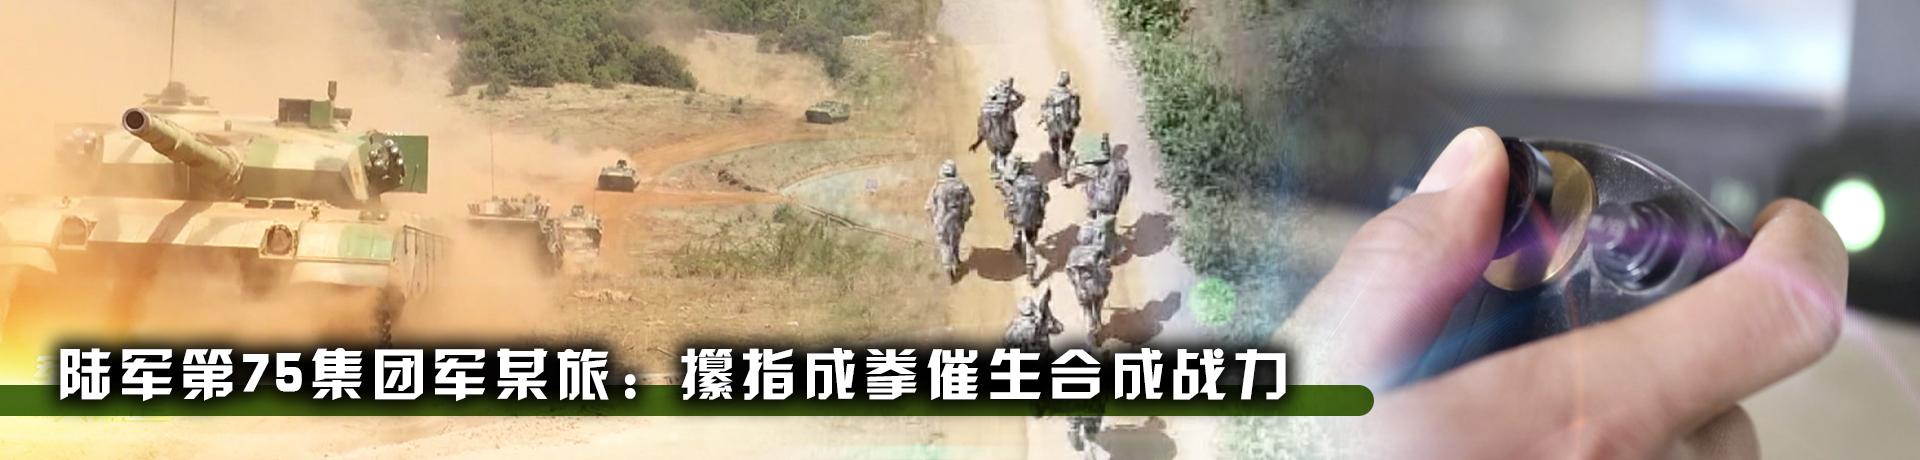 【在习近平新时代中国特色社会主义思想指引下】陆军第75集团军某旅:攥指成拳催生合成战力